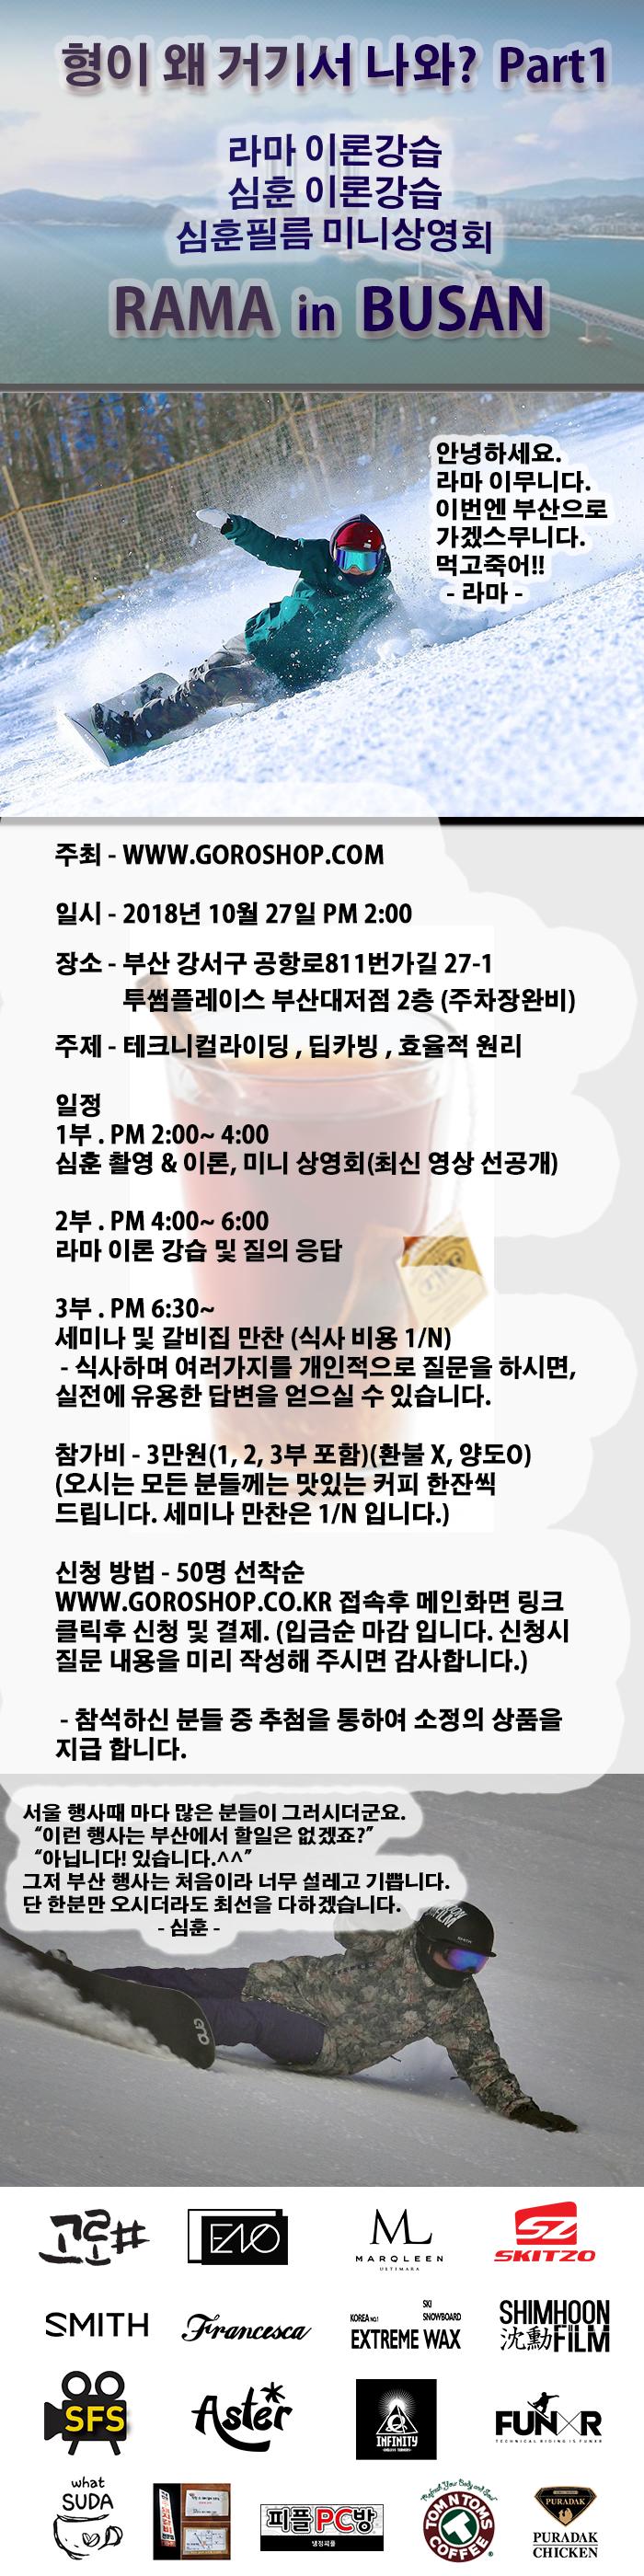 18-19 미니상영회.png